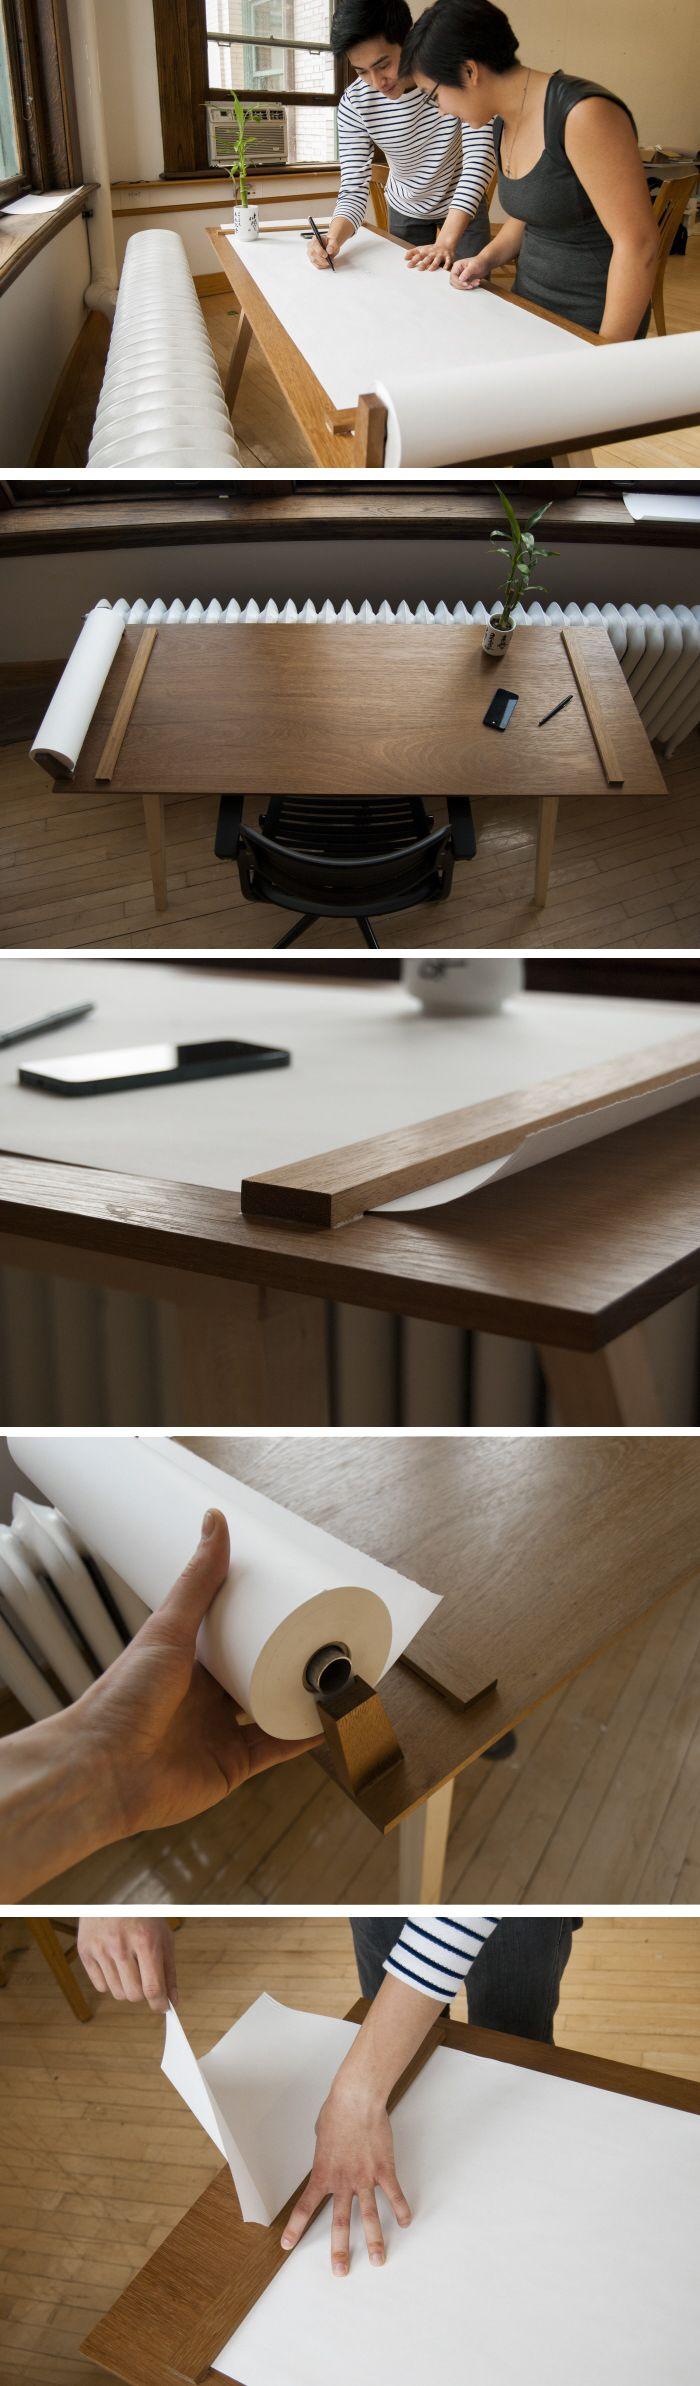 Collaboration Desk by Scott Alberstein  http://www.coroflot.com/salberst/Collaboration-Desk